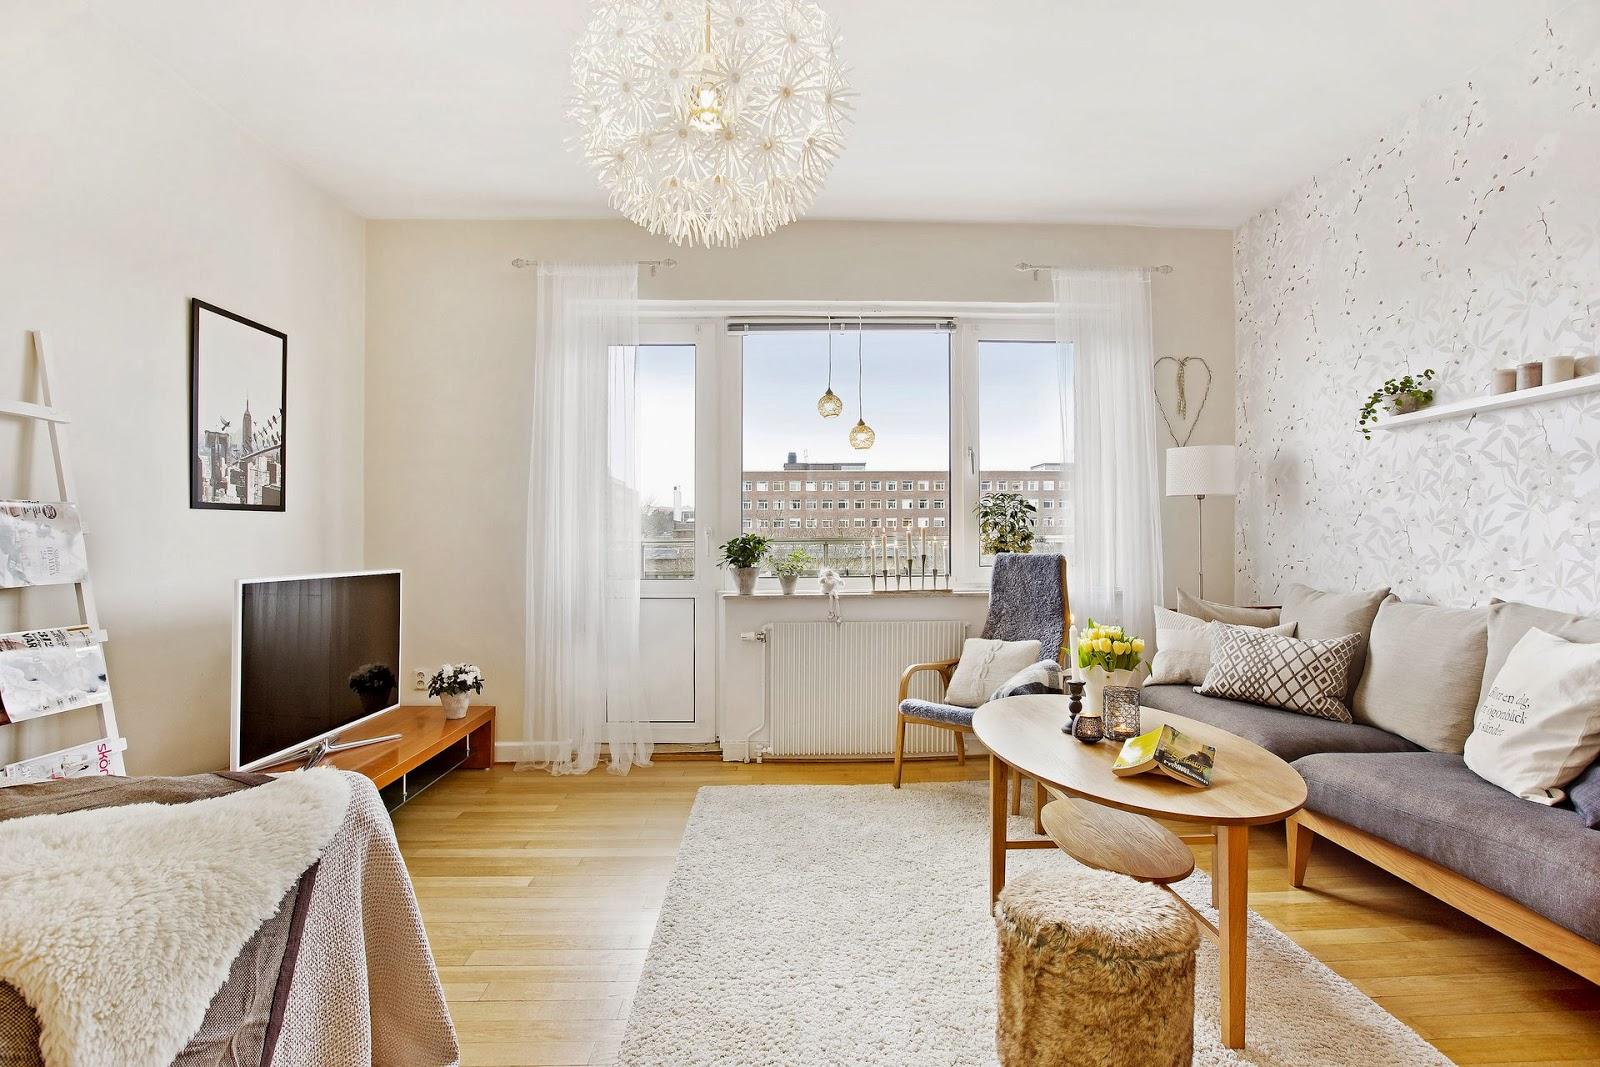 Como Decorar Un Piso Con Muebles En Color Madera Boho Deco Chic  # Pequenos Gigantes Muebles